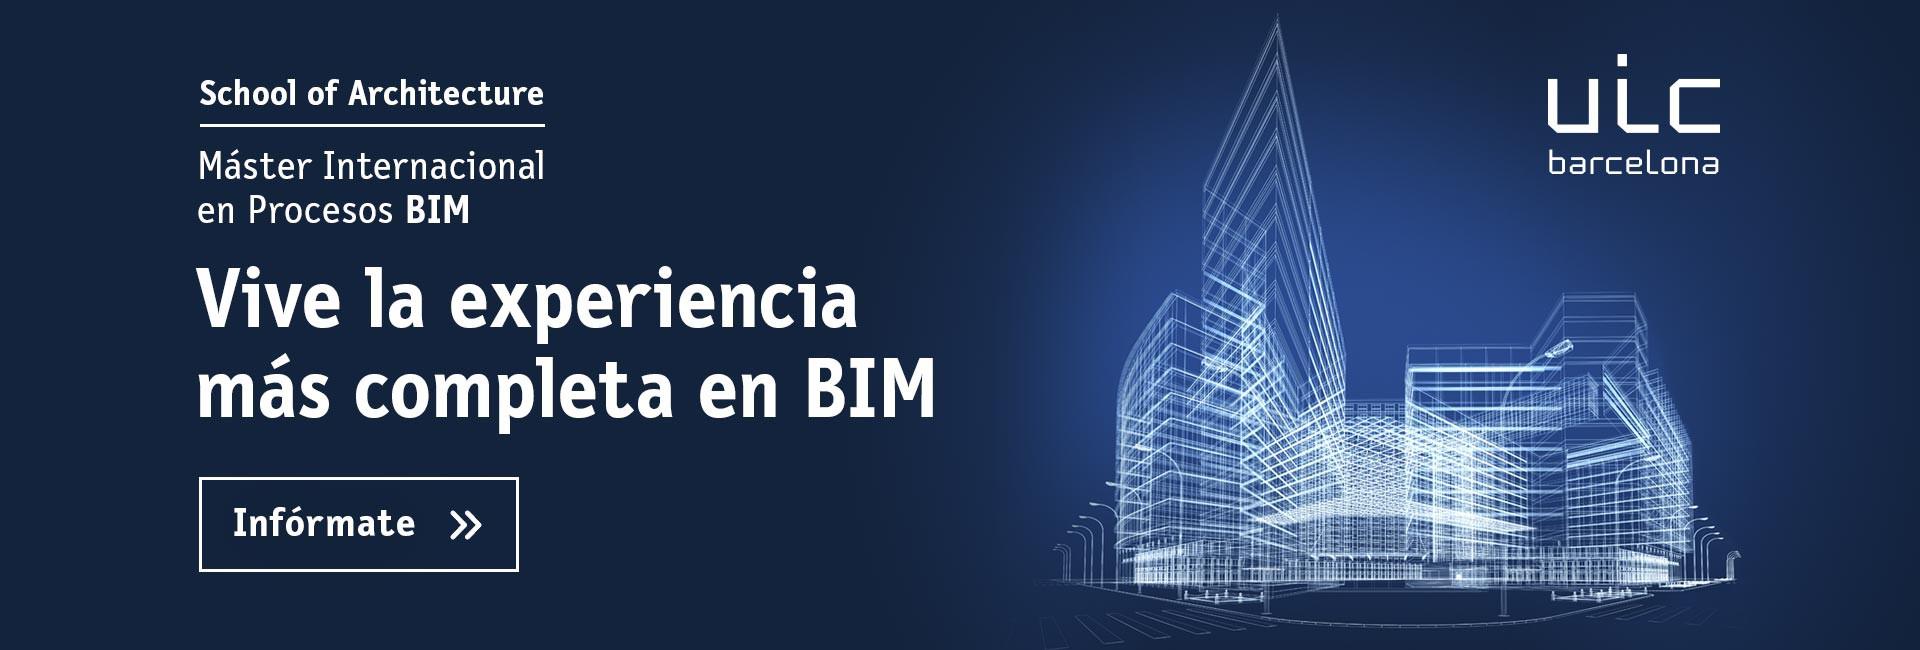 https://www.uic.es/es/estudios-uic/esarq/master-bim-barcelona